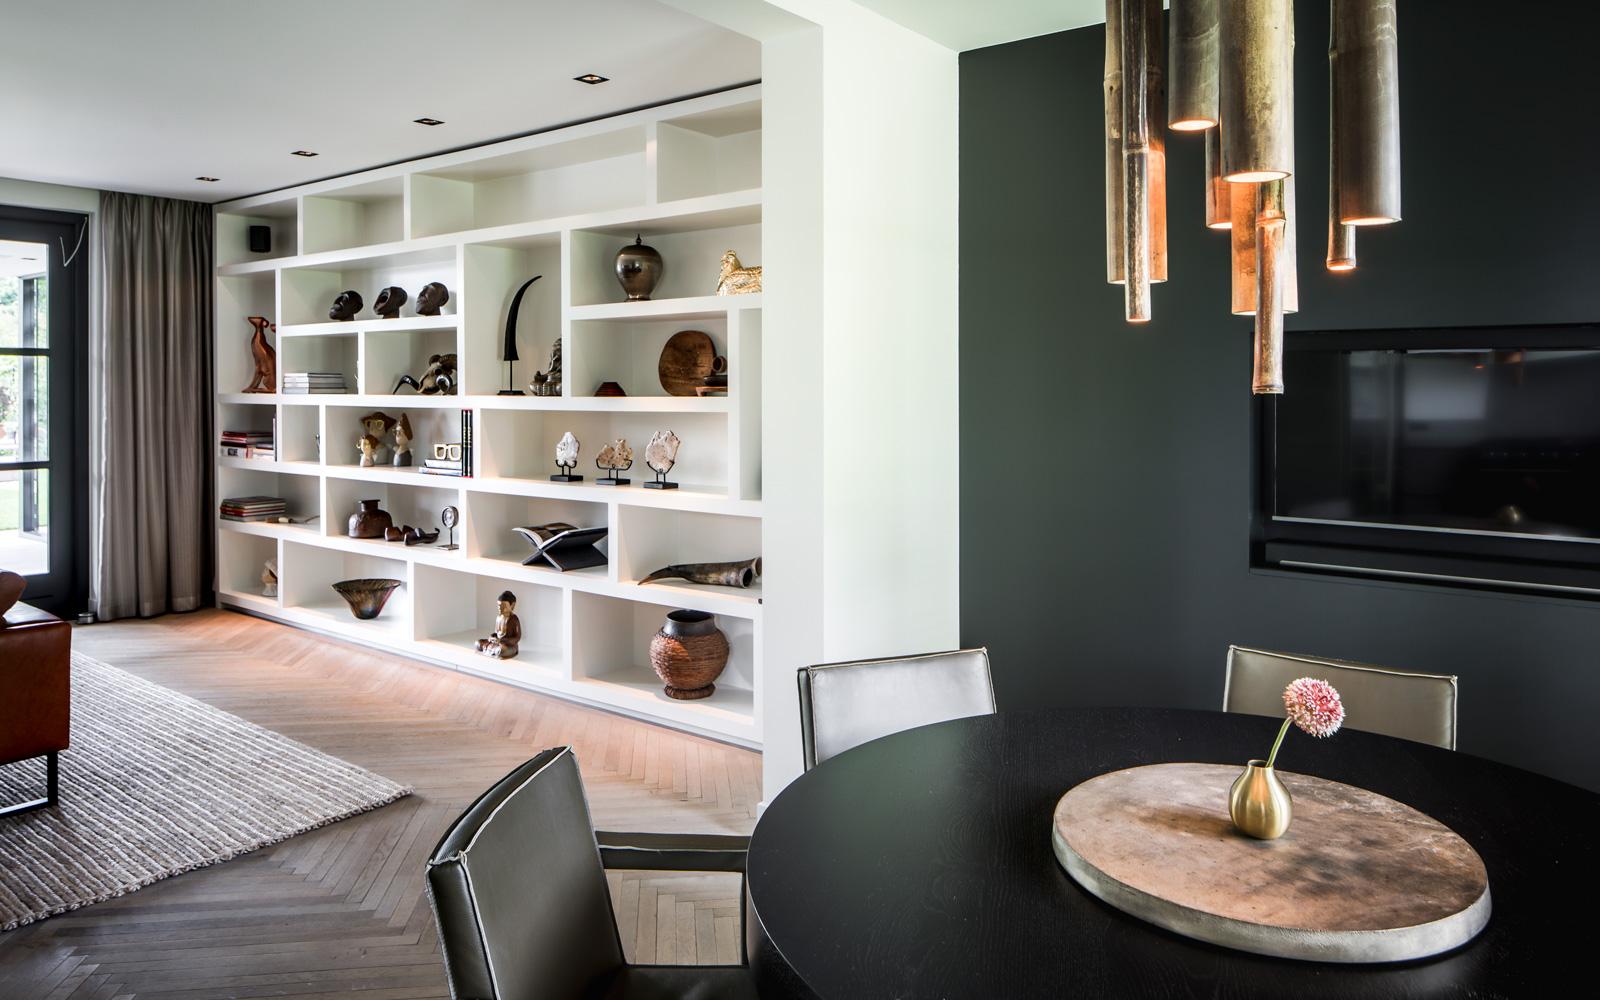 De woonkamer is voorzien van luxe apparatuur en design.